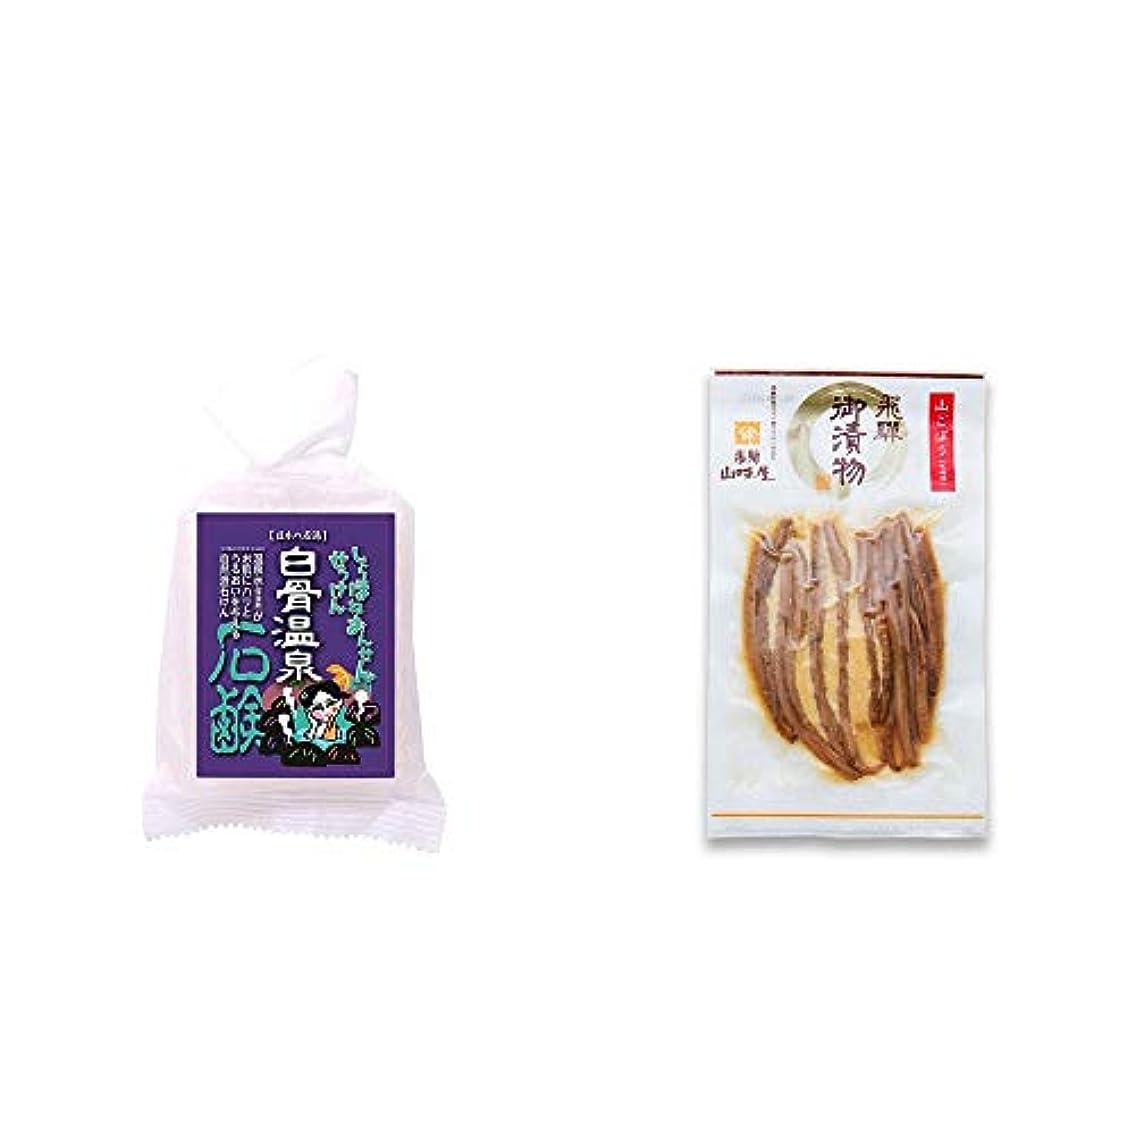 感謝する命令消化[2点セット] 信州 白骨温泉石鹸(80g)?飛騨山味屋 山ごぼう味噌漬(80g)